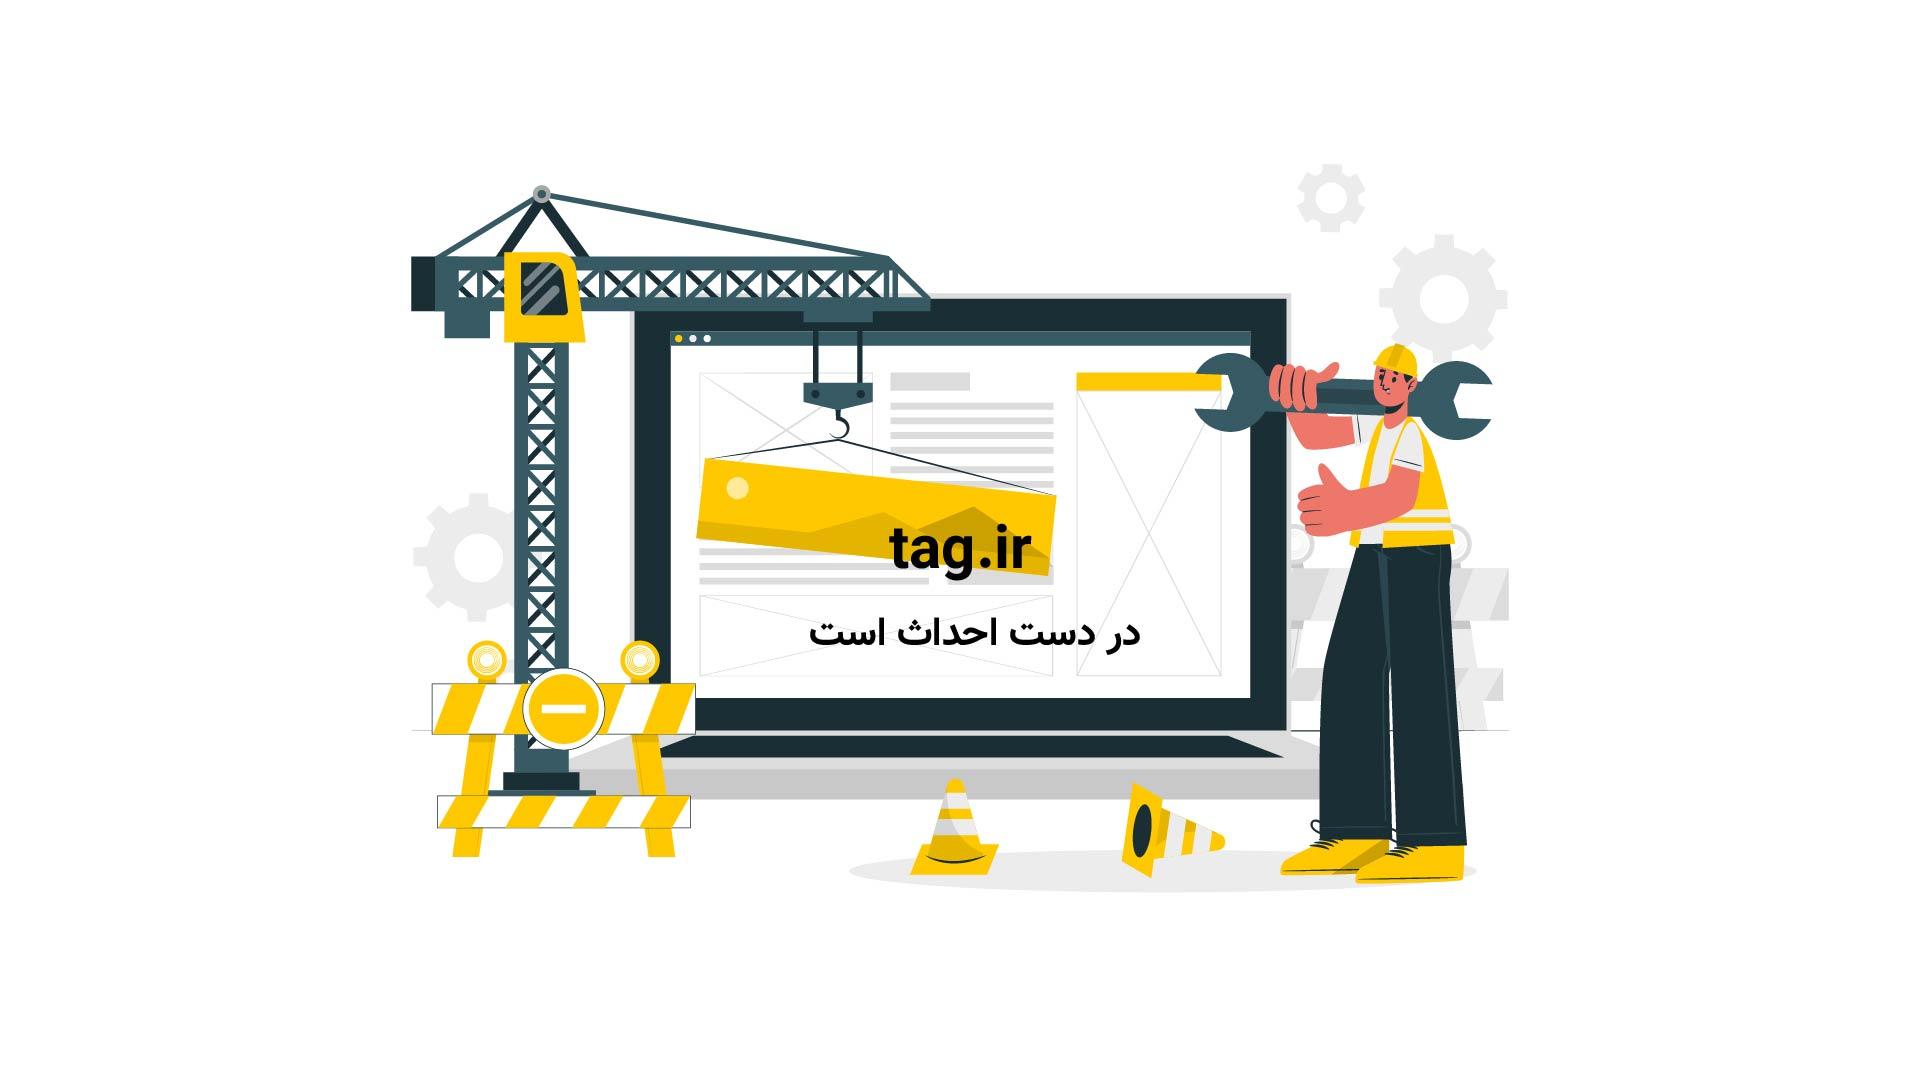 برج آجری چهل دختر در شهر دامغان | فیلم